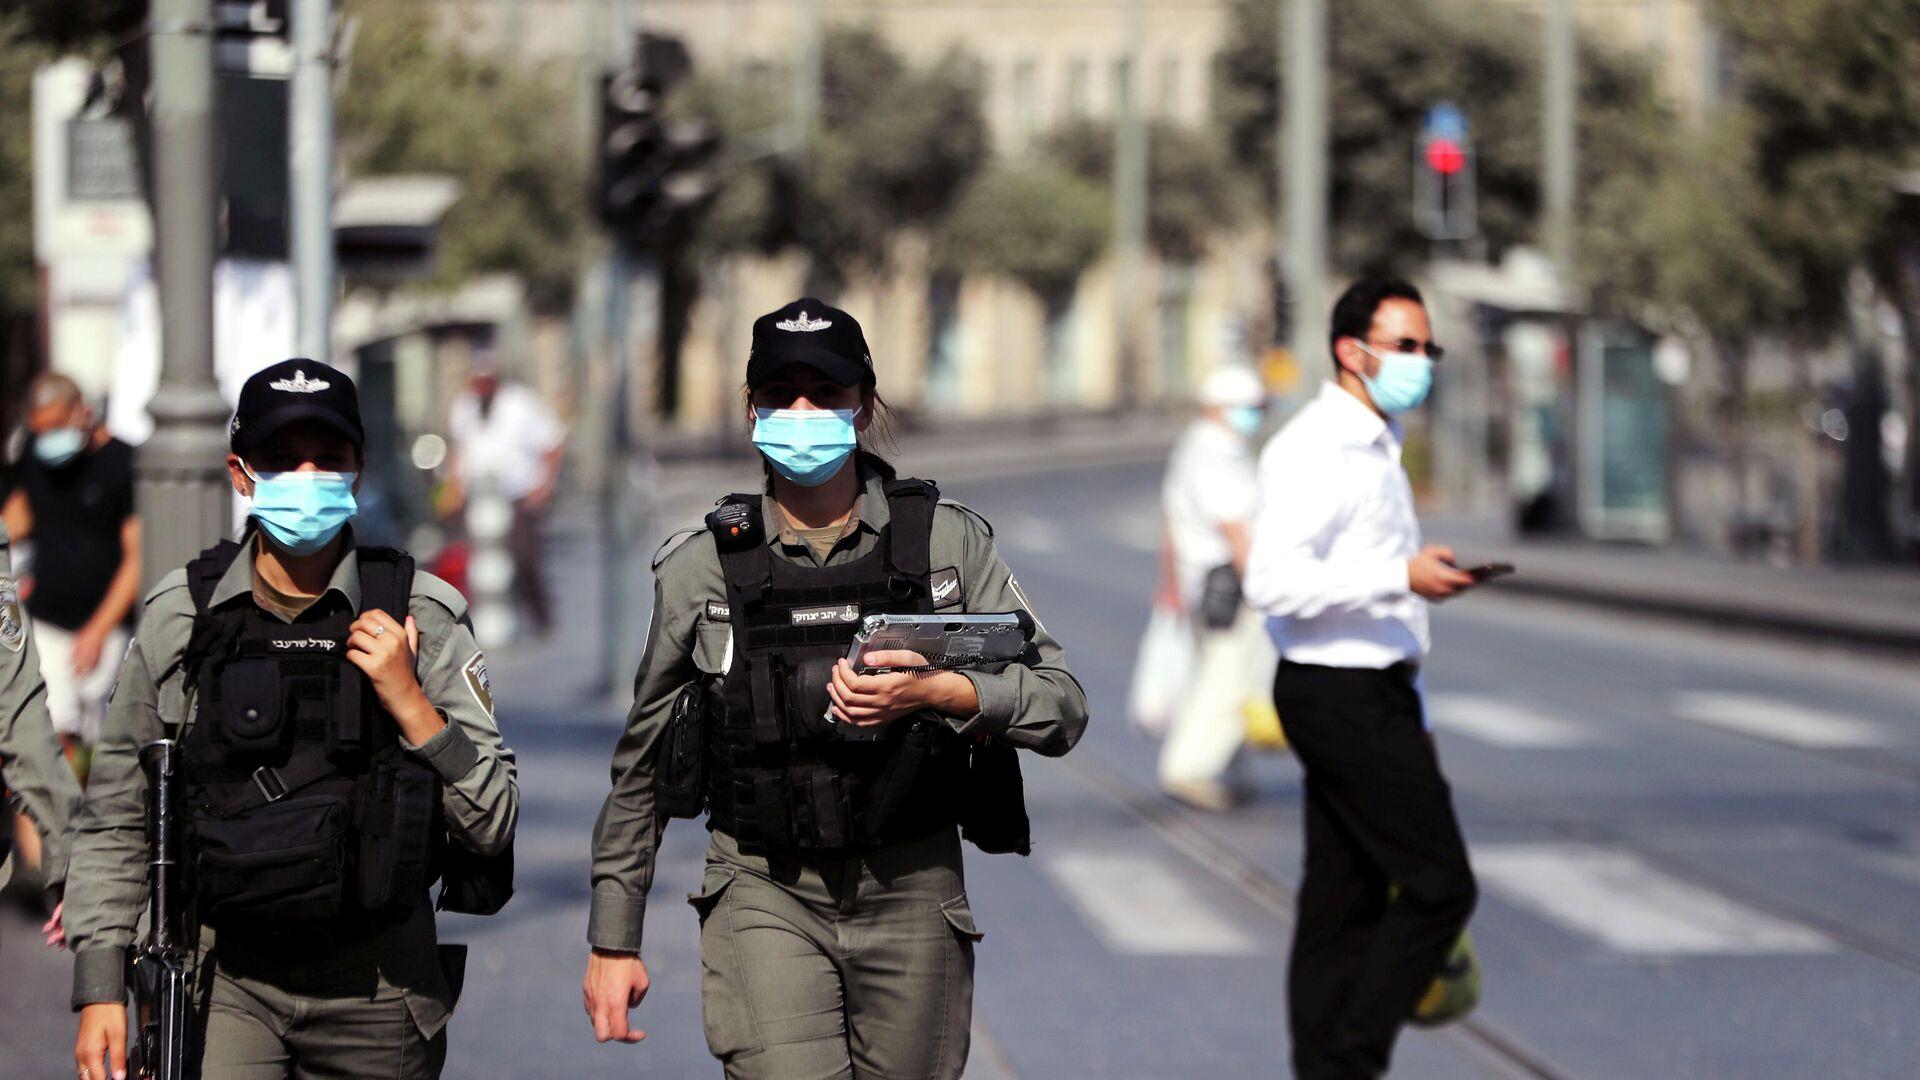 Израильские полицейские патрулируют главный рынок в Иерусалиме  - РИА Новости, 1920, 18.09.2020